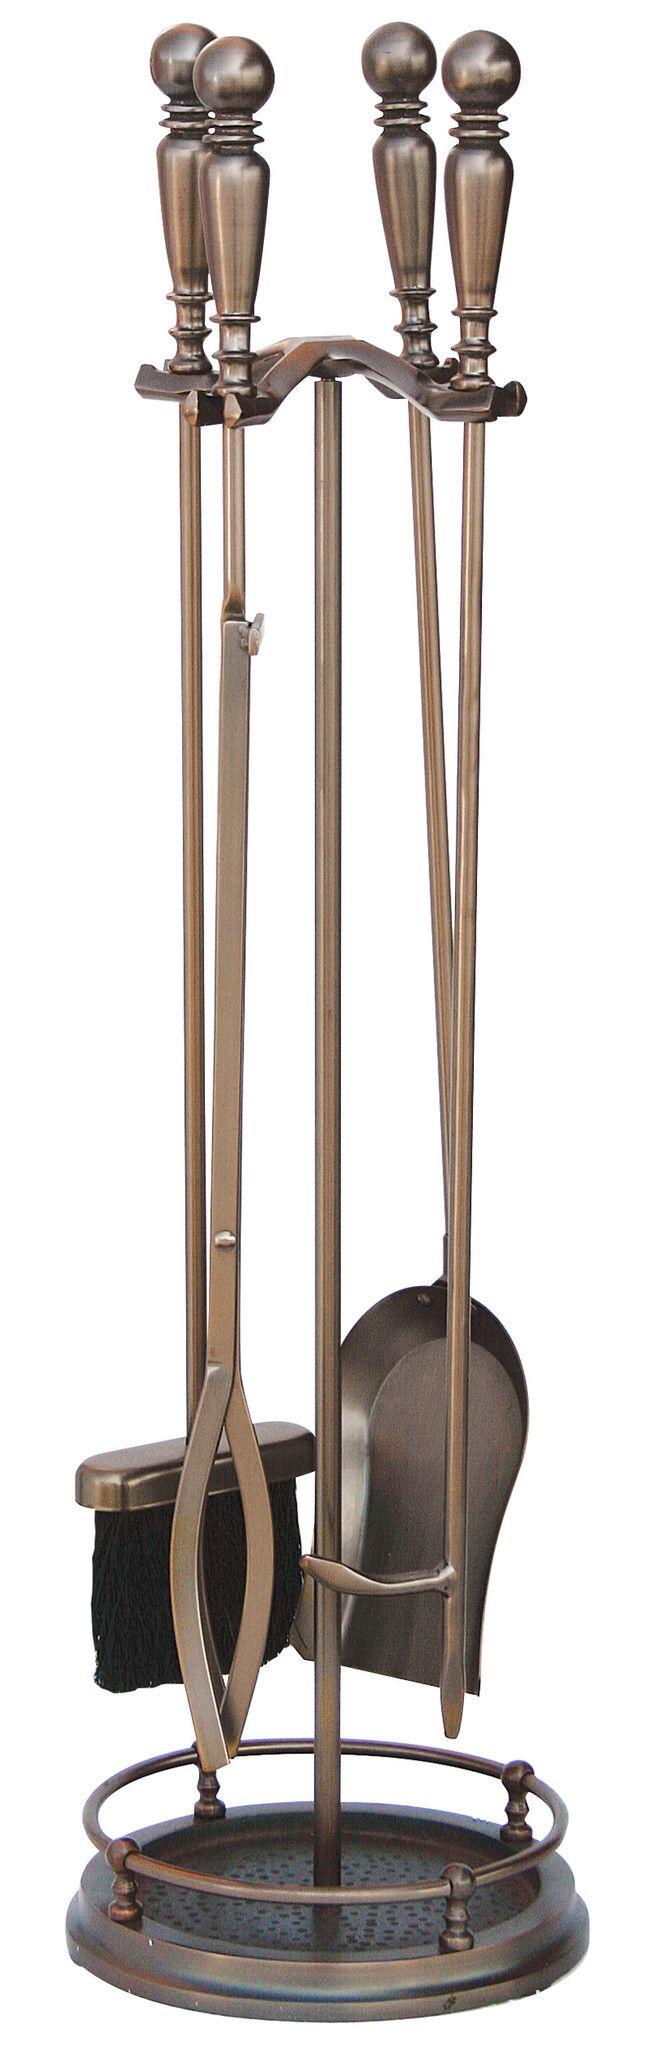 5 Pc Venetian Bronze Fireset W/ Ball Handles